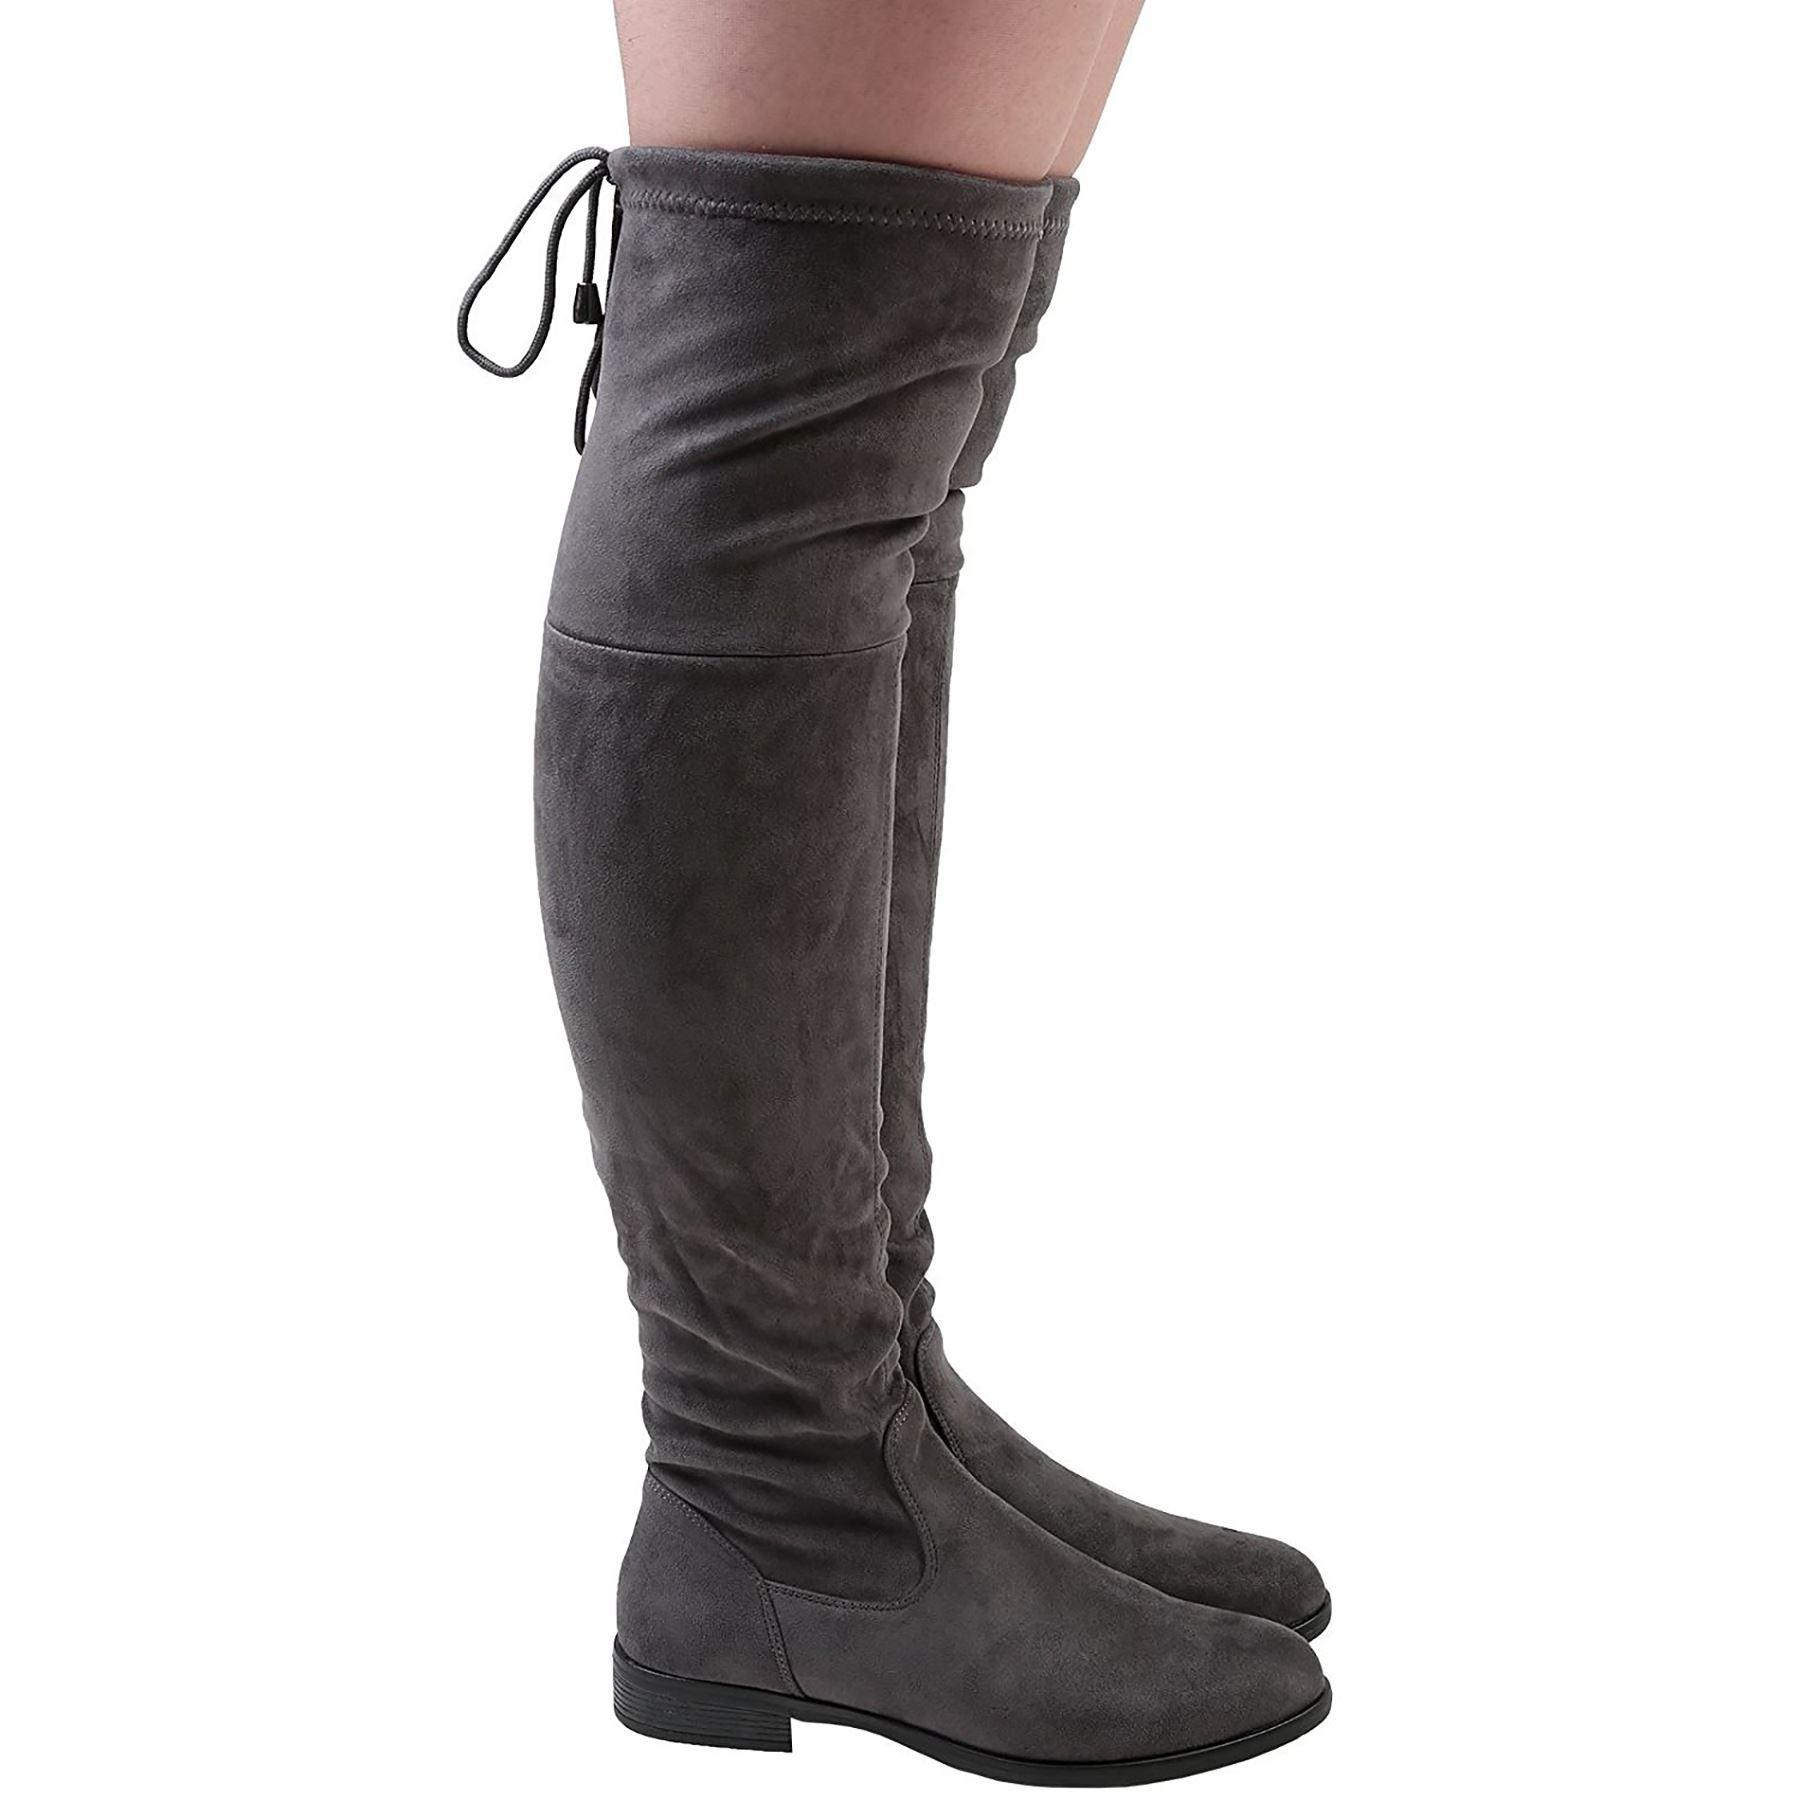 Ladies-DELLE-DONNE-Coscia-Sopra-Il-Stivali-Al-Ginocchio-Tacco-Basso-Senza-Lacci-Scarpe-taglia-3-8